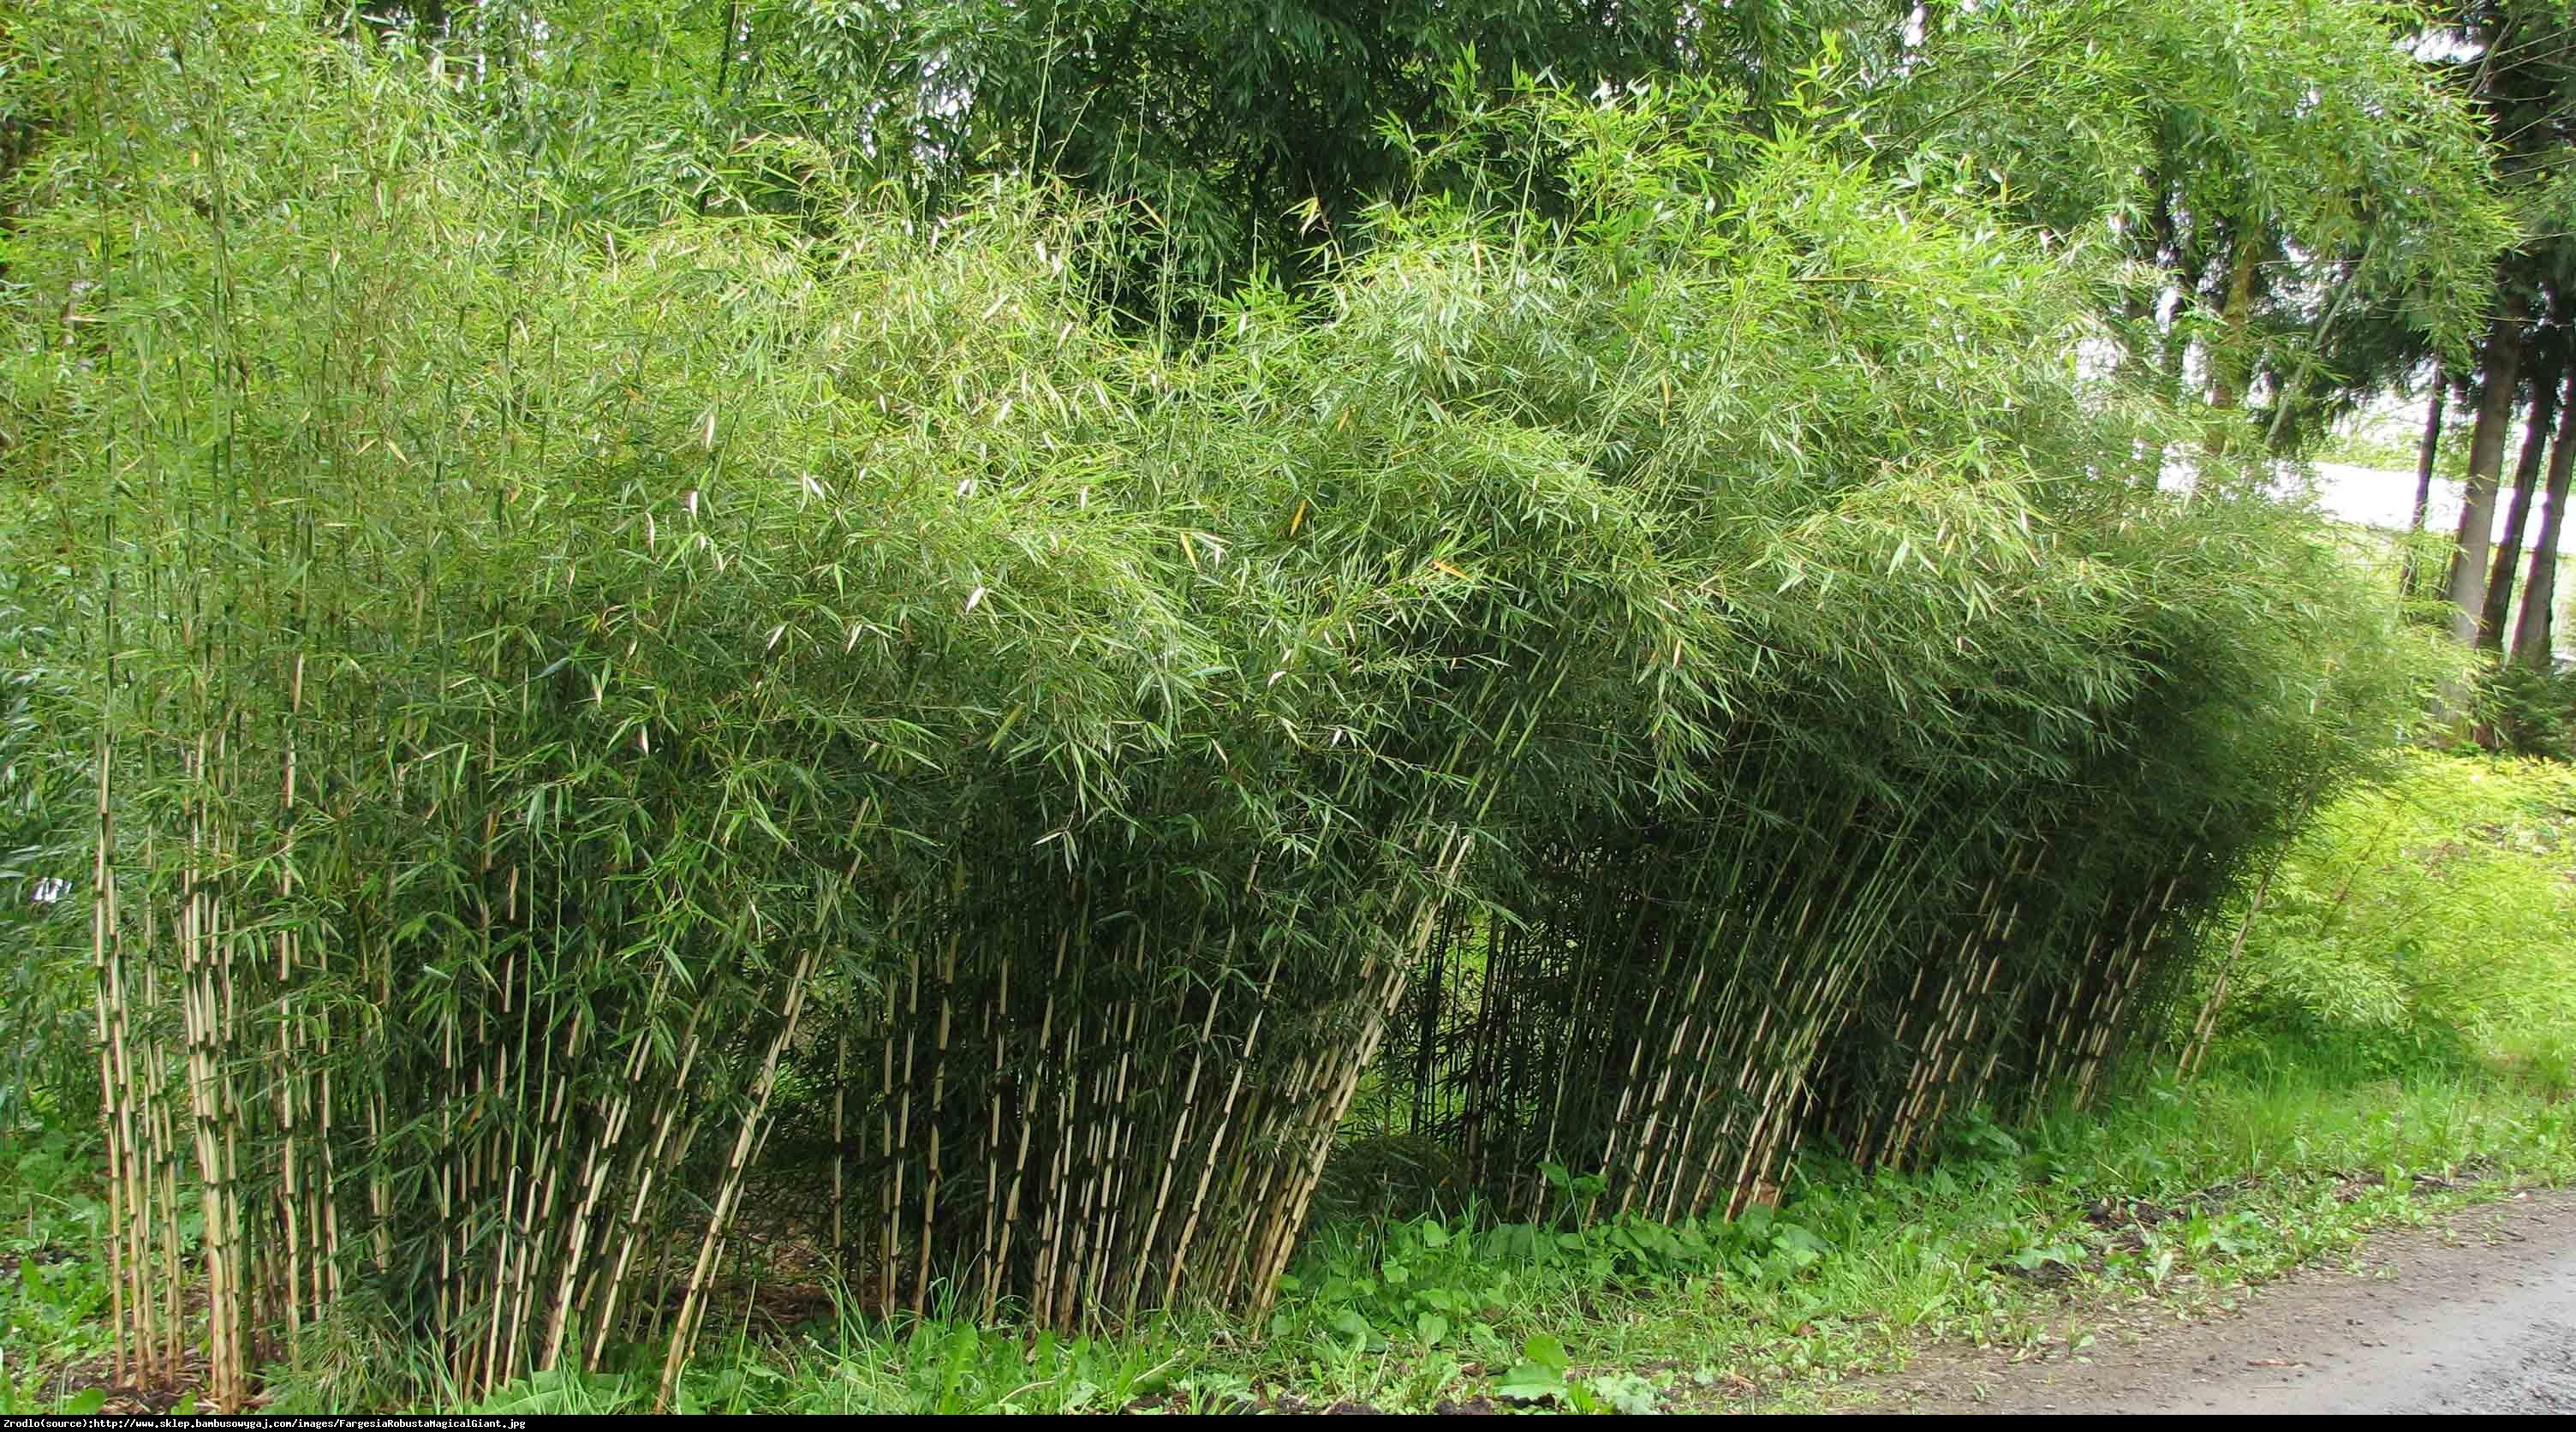 Bambus Dino - Fargesia murielae Dino